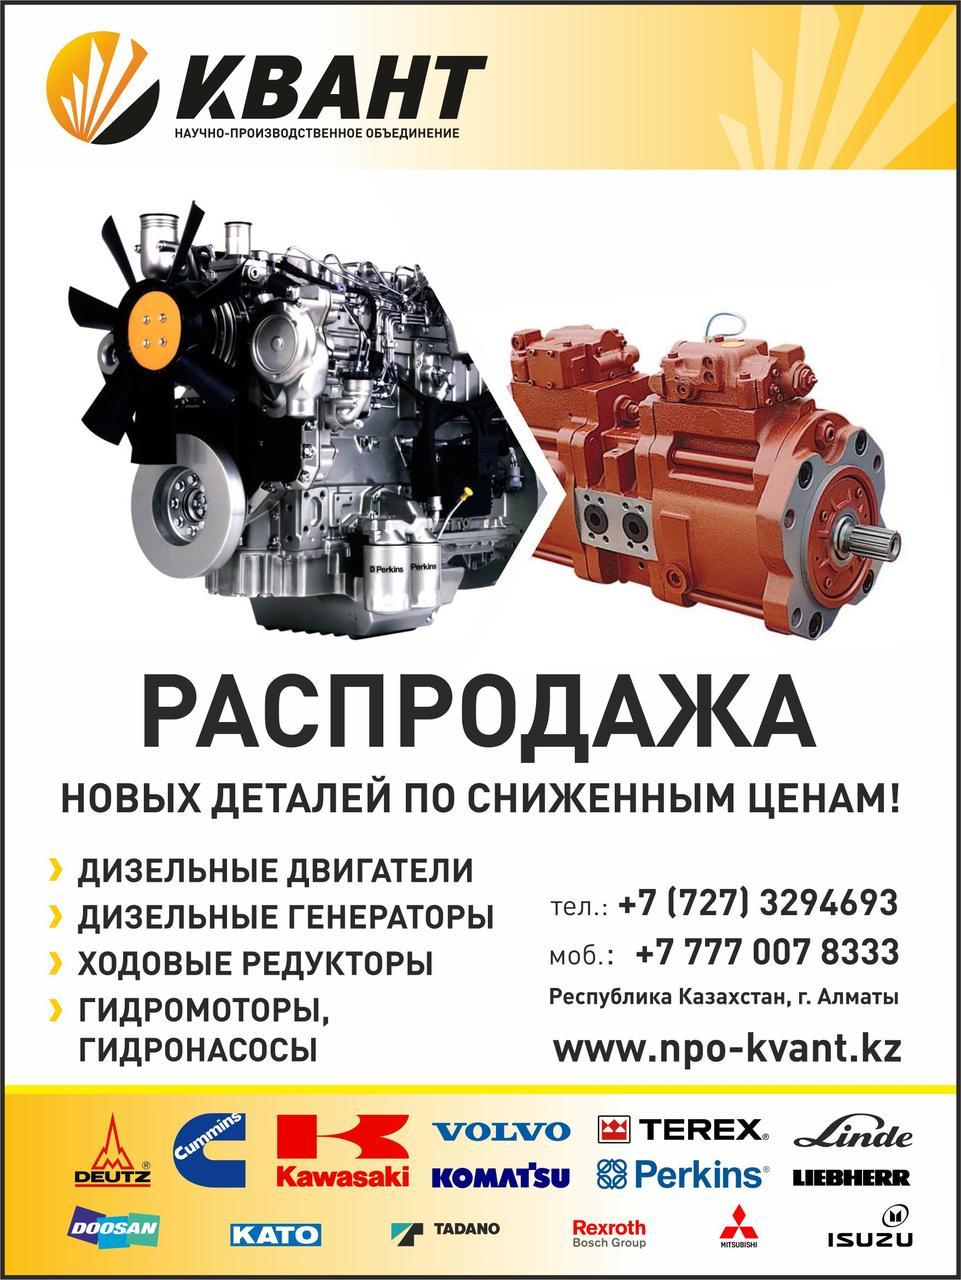 Двигатель Mitsubishi S6B3-Y2MPTK, Mitsubishi S6A3-Y2MPTK, Mitsubishi S6A3-Y2MPTK-5, Mitsubishi S6A3-Y2MPTK-4